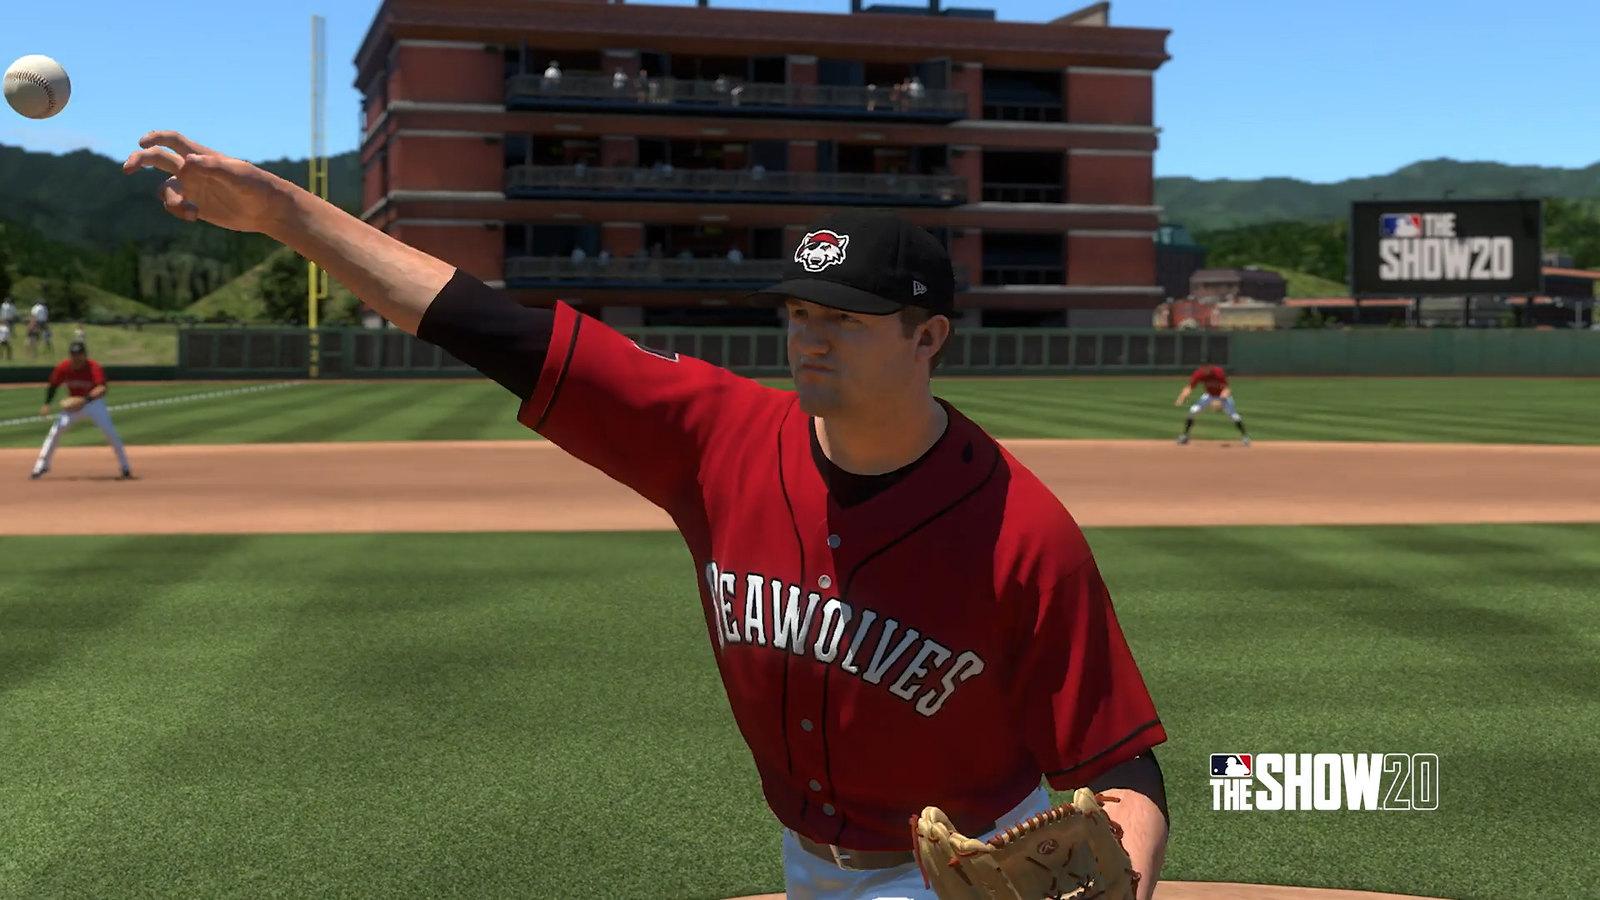 49666835621 3998a3e15f h - MLB The Show 20 erscheint heute für PS4 – jetzt 10 Features und Tipps lesen